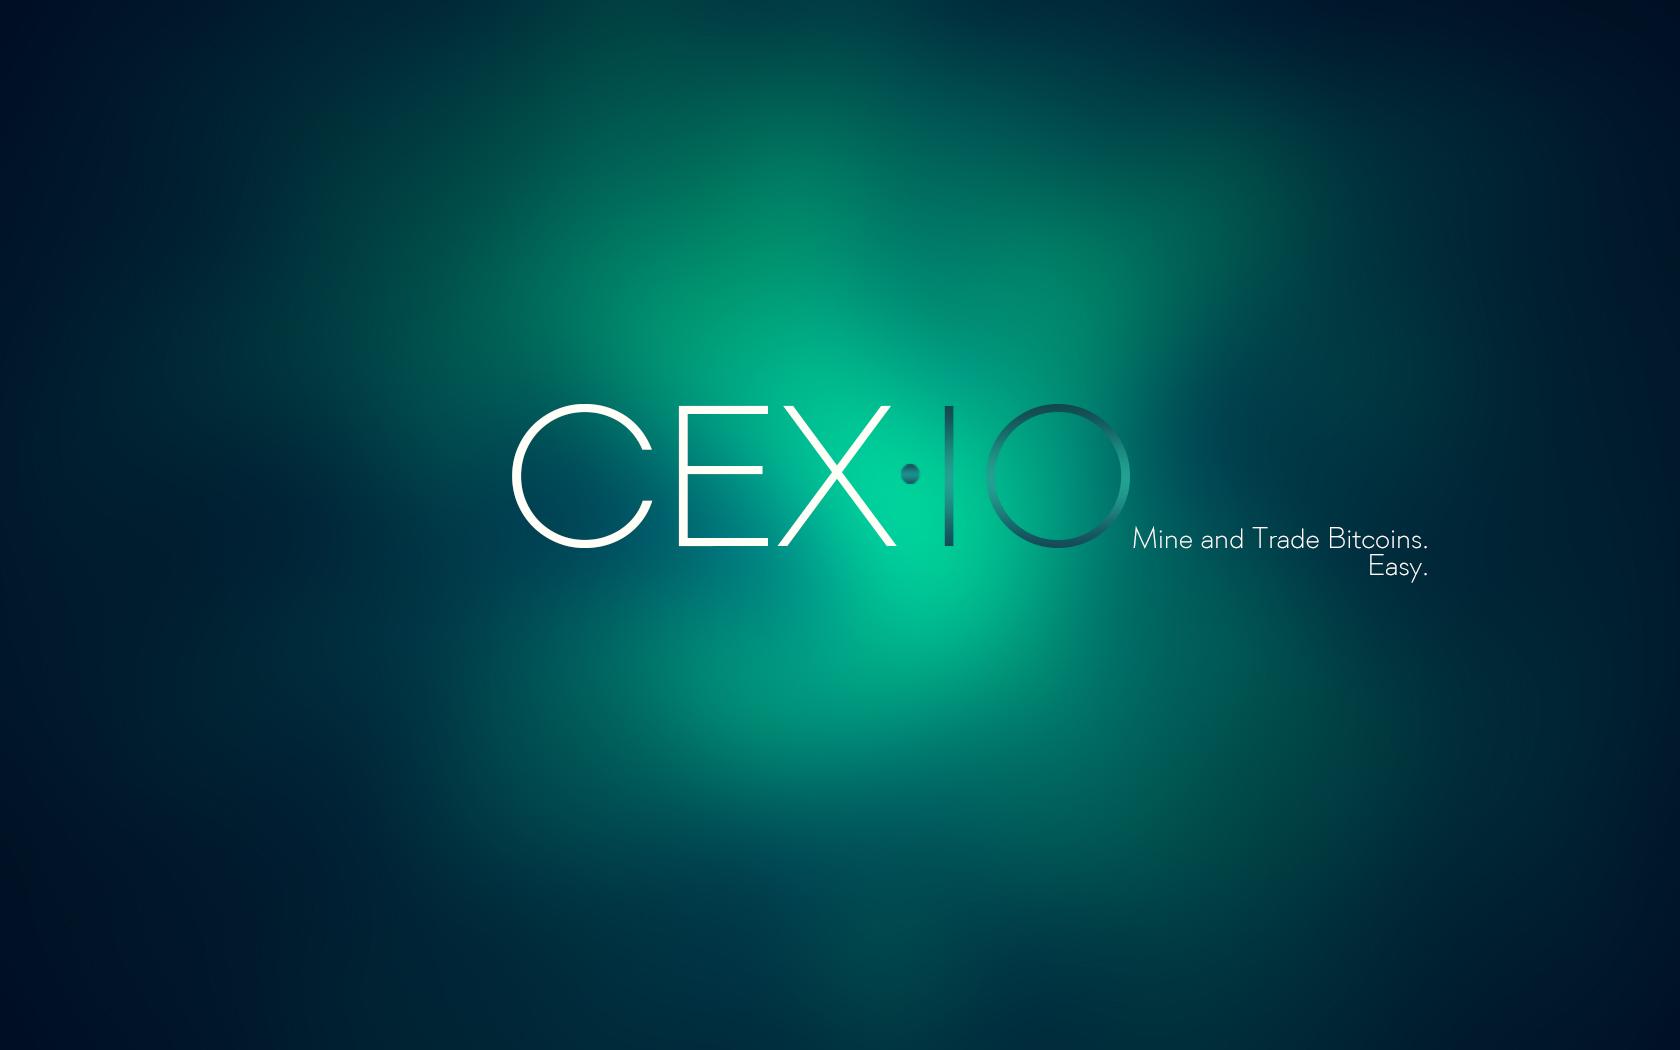 CEXIO Wallpaper Blur